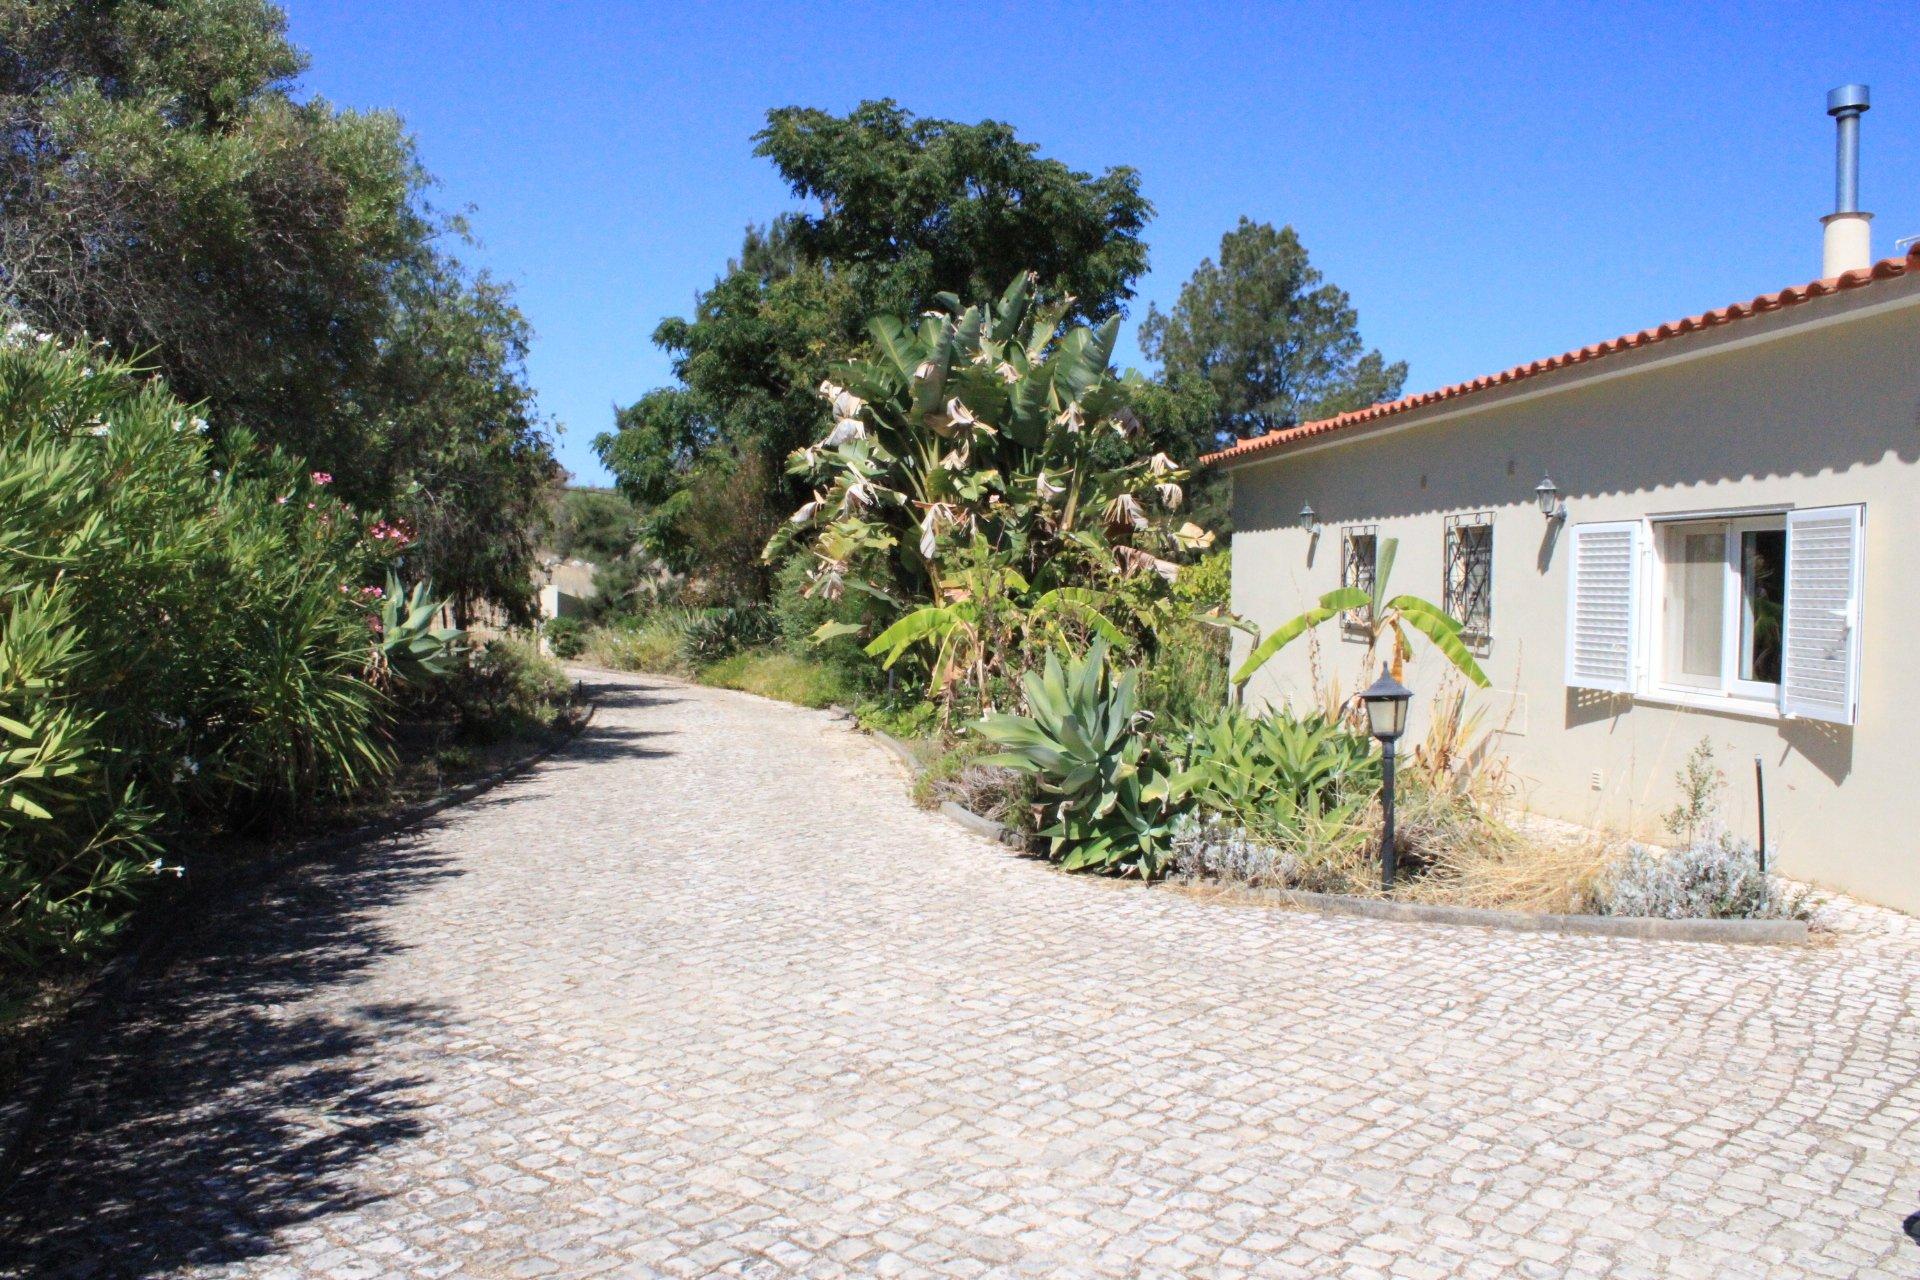 3 Bedroom Villa Lagos, Western Algarve Ref: GV631